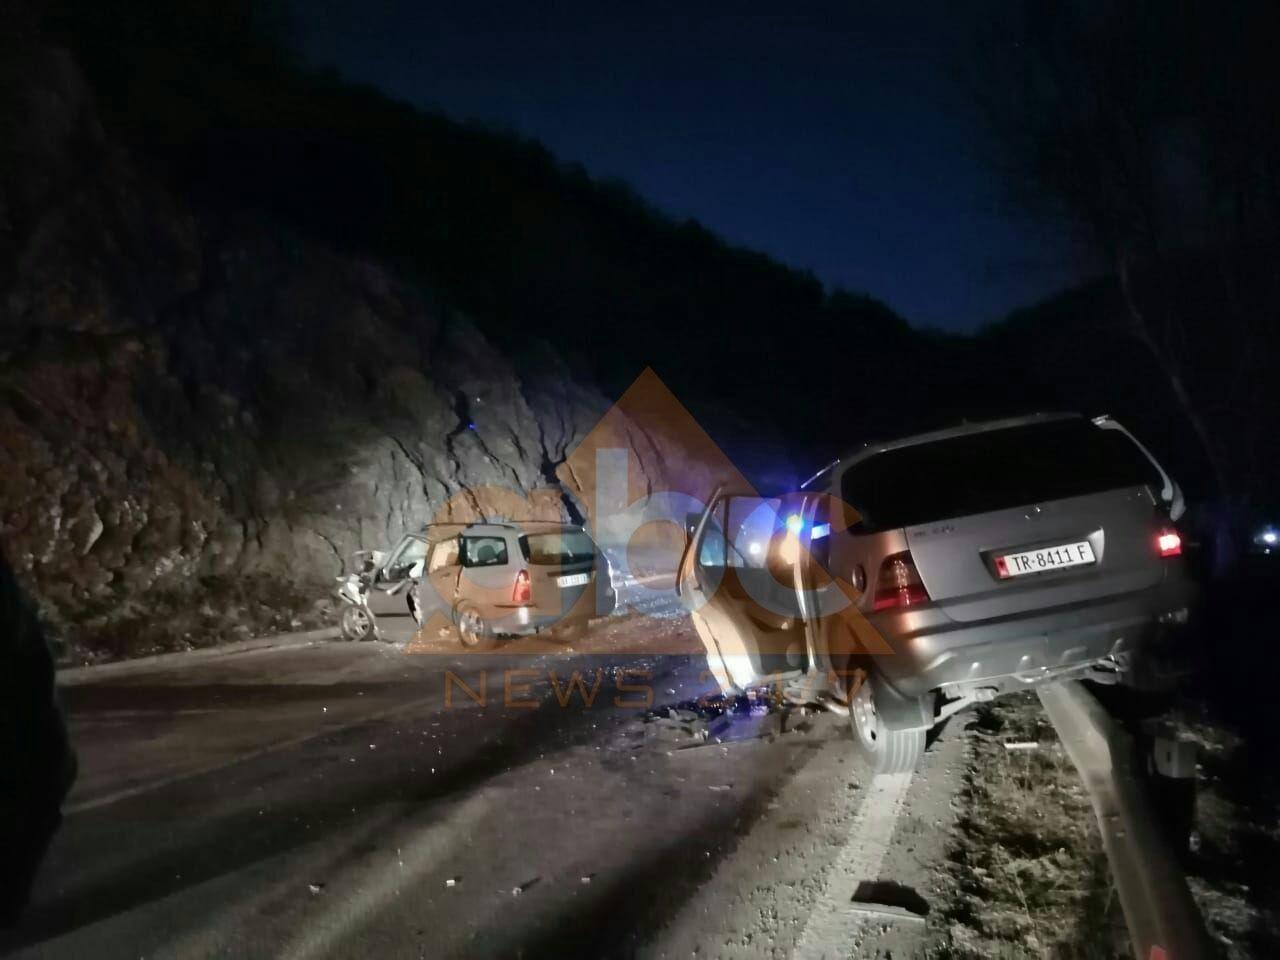 FOTO/ Makinat u bënë copë, pamje të frikshme nga aksidenti ku humbi jetën shefi i policisë bashkiake